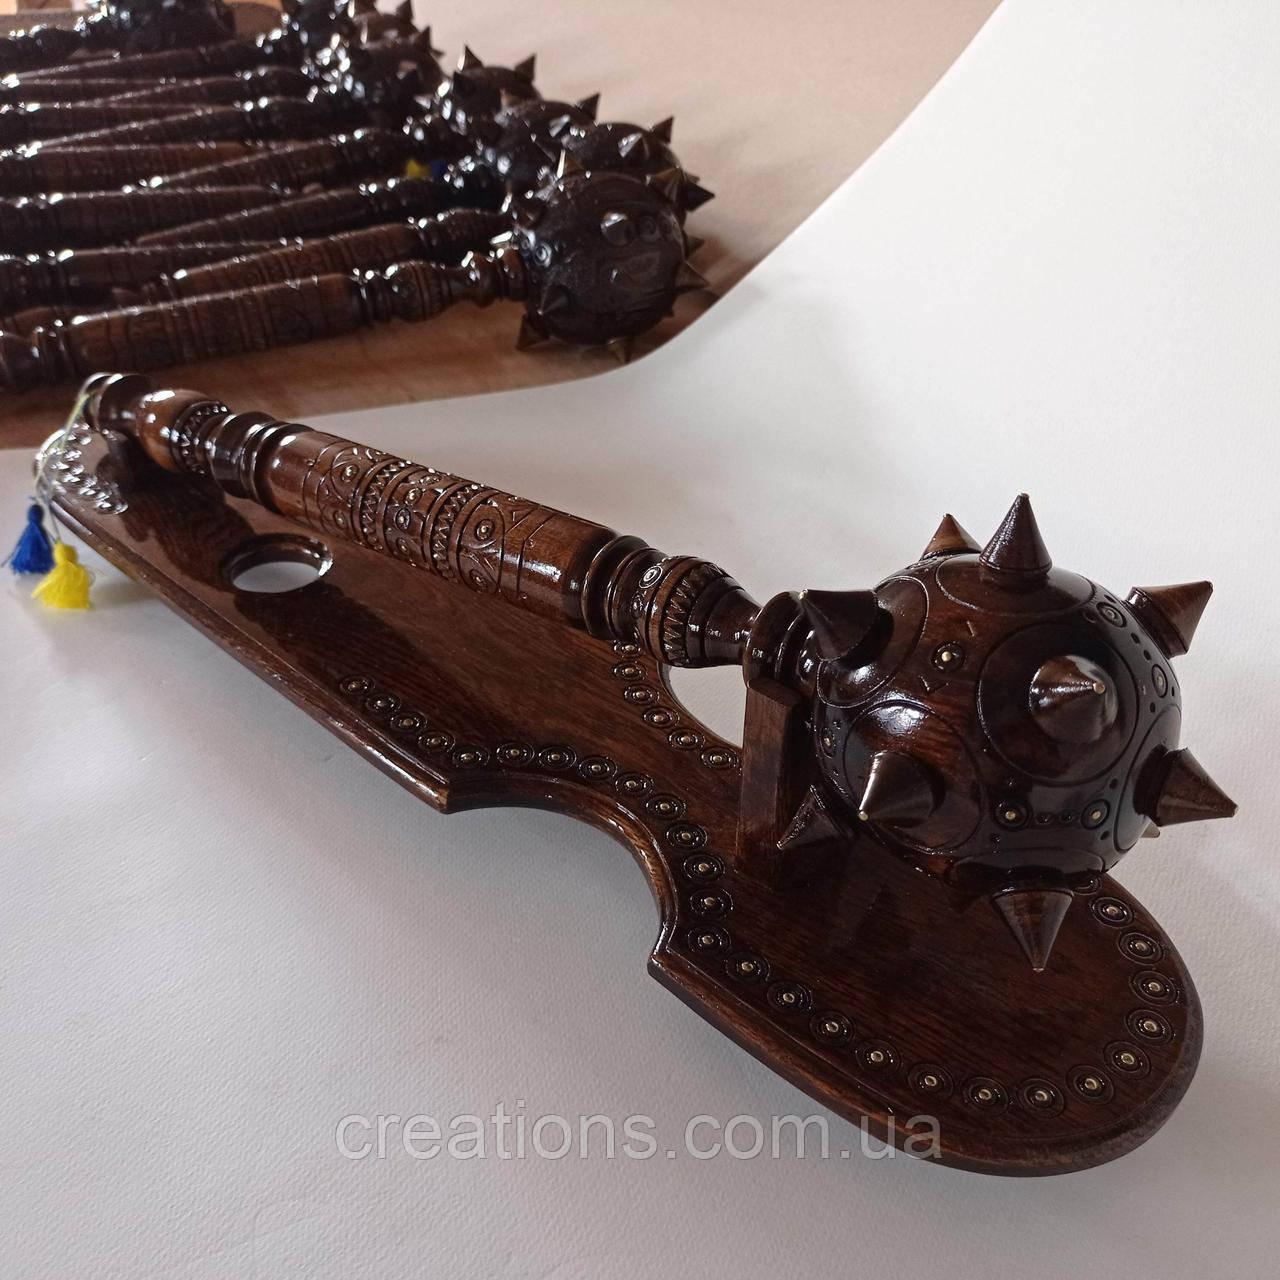 Деревянная резная булава с подставкой 56 см., подарок, сувенир, ручная работа